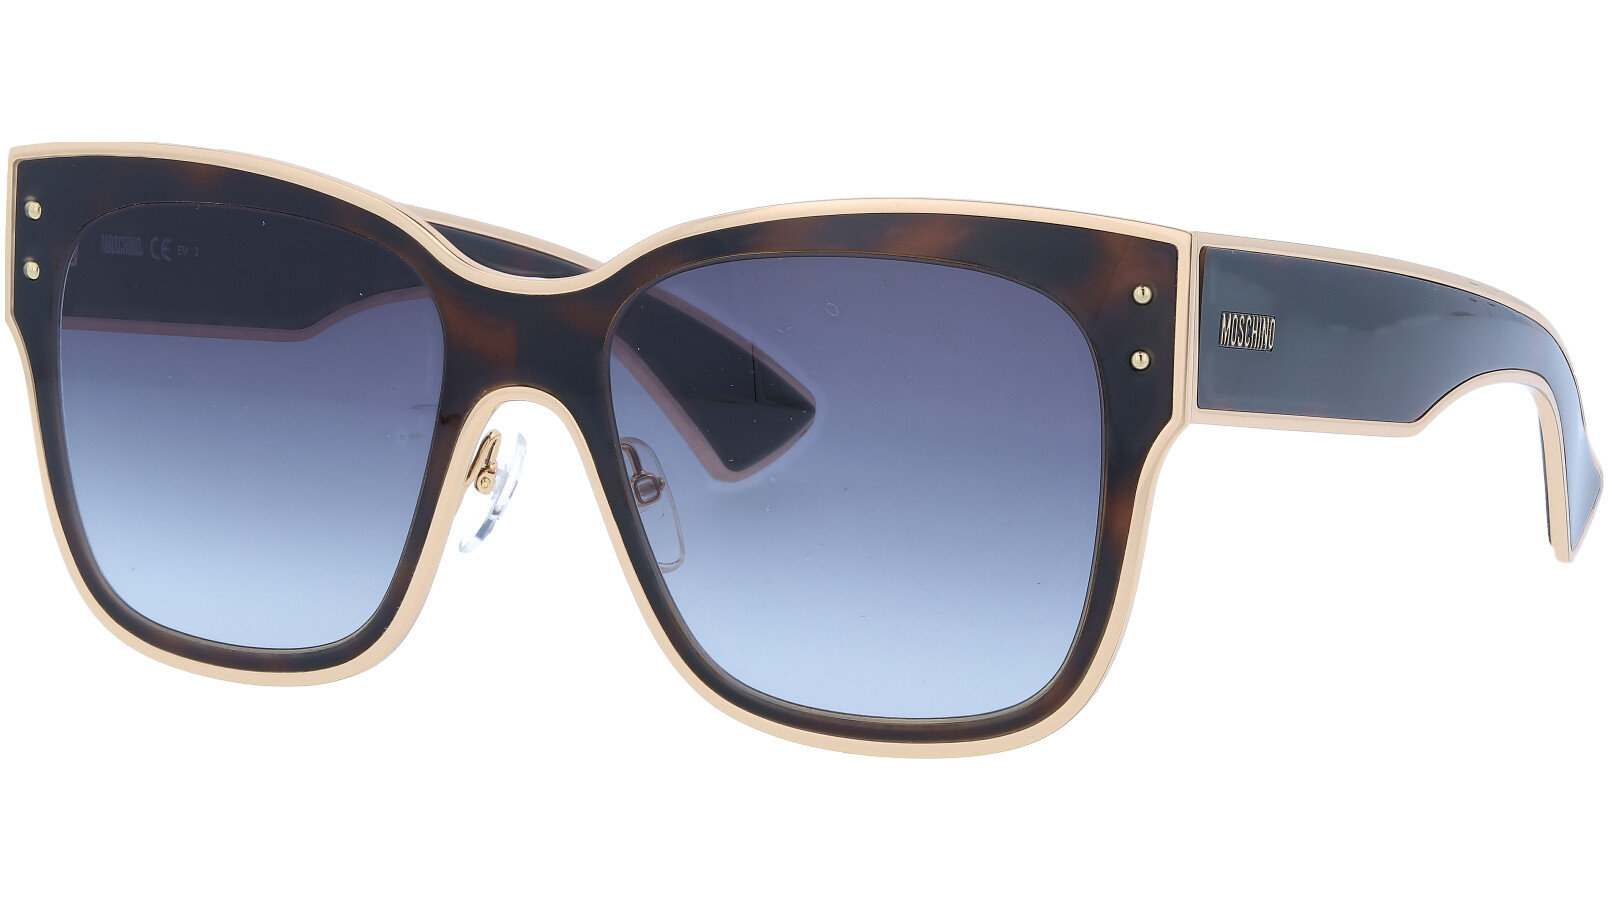 MOSCHINO MOS000S 086 55 DARK Sunglasses